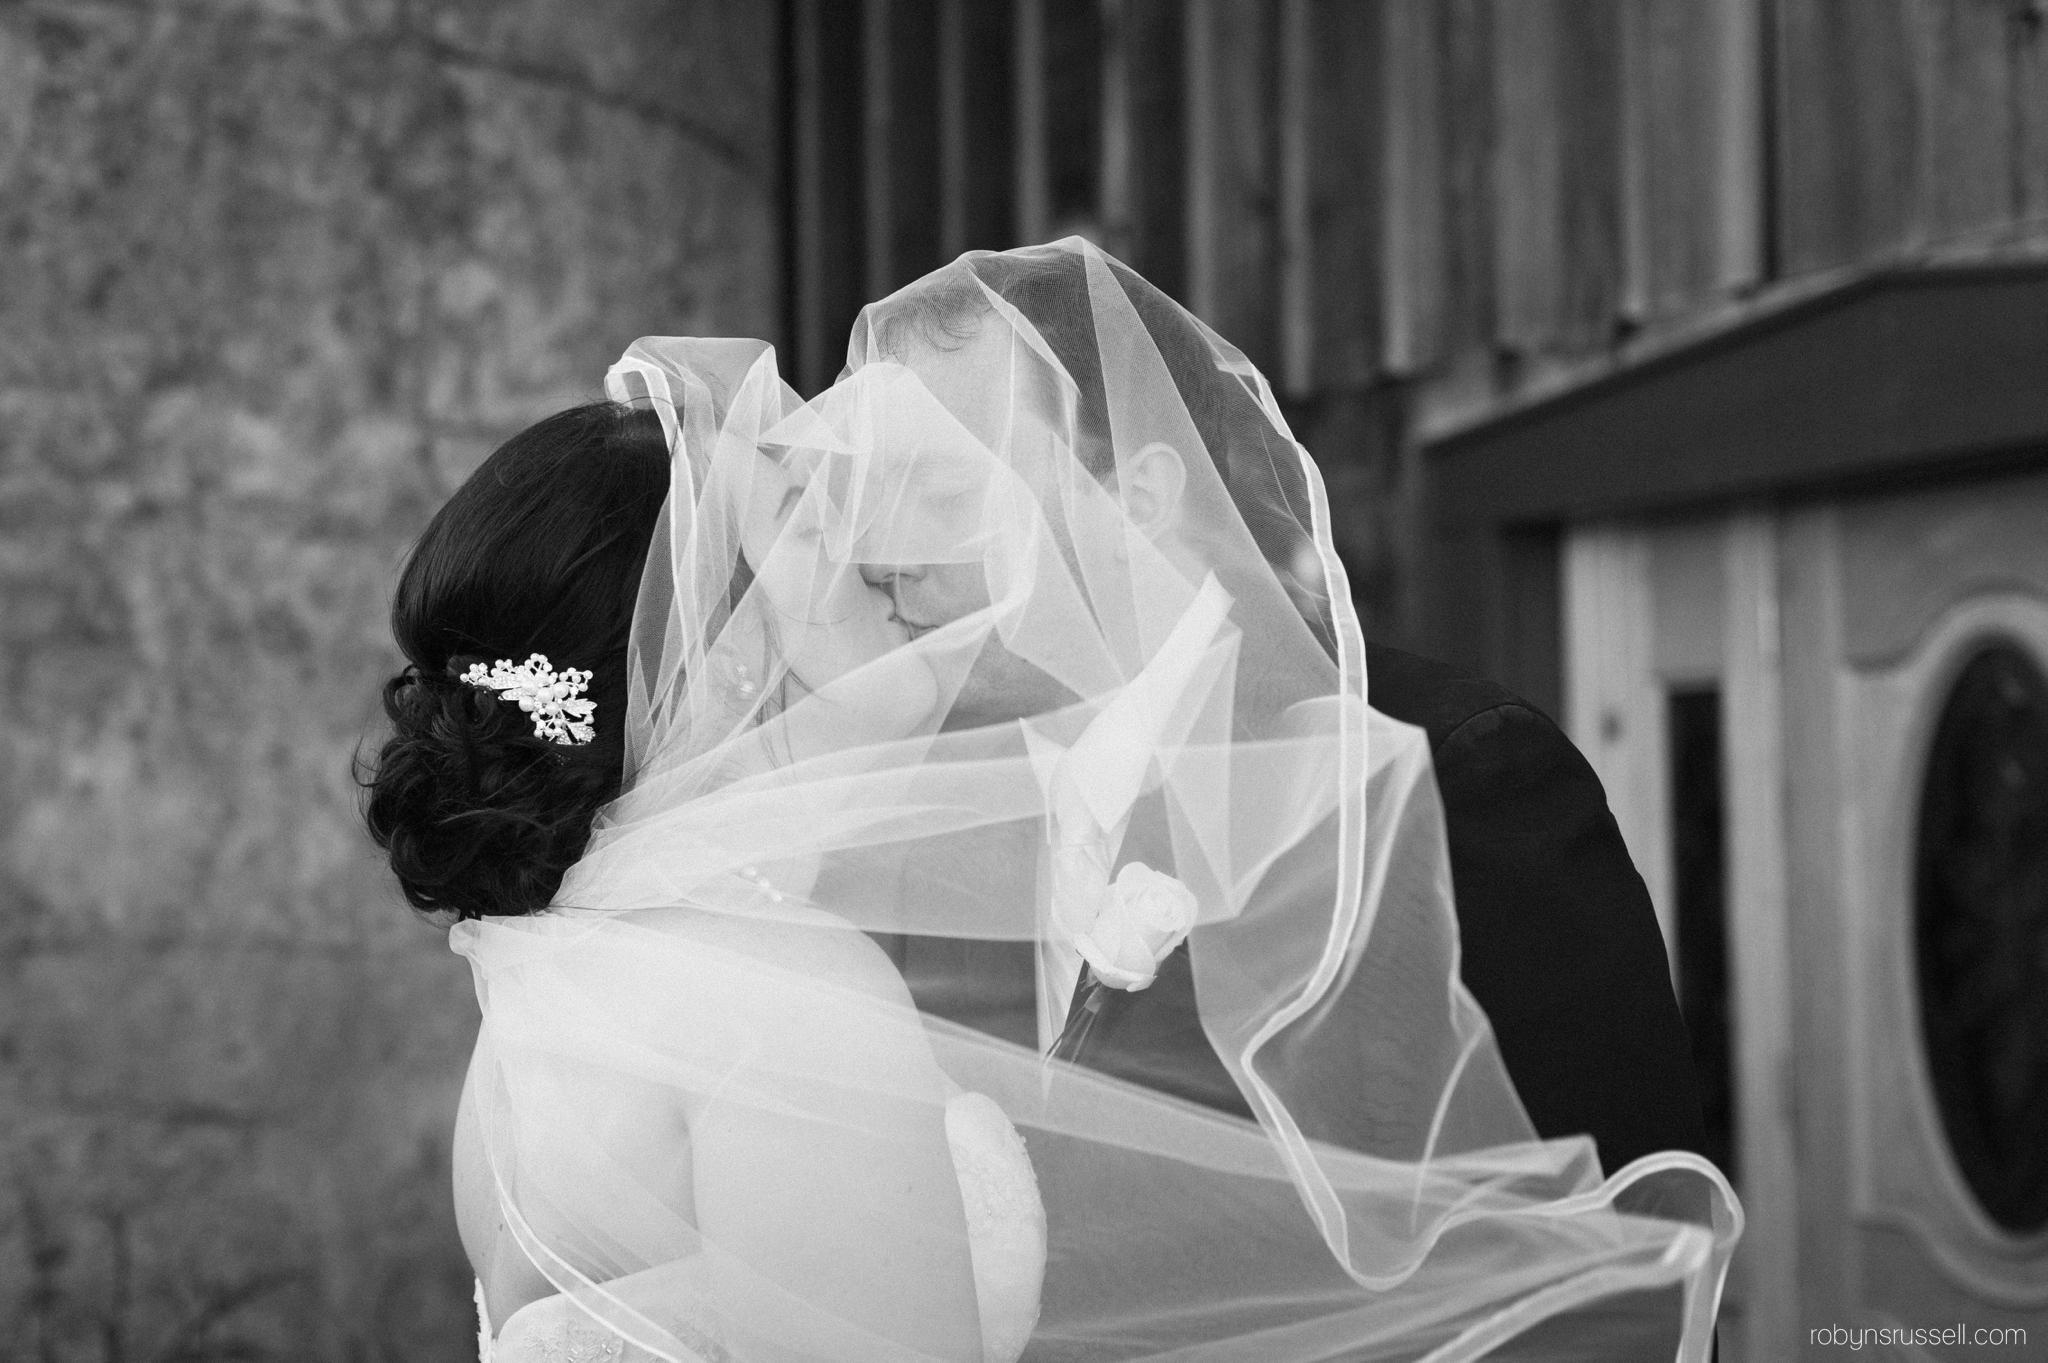 32-bride-and-groom-dramatic-wedding-portrait.jpg